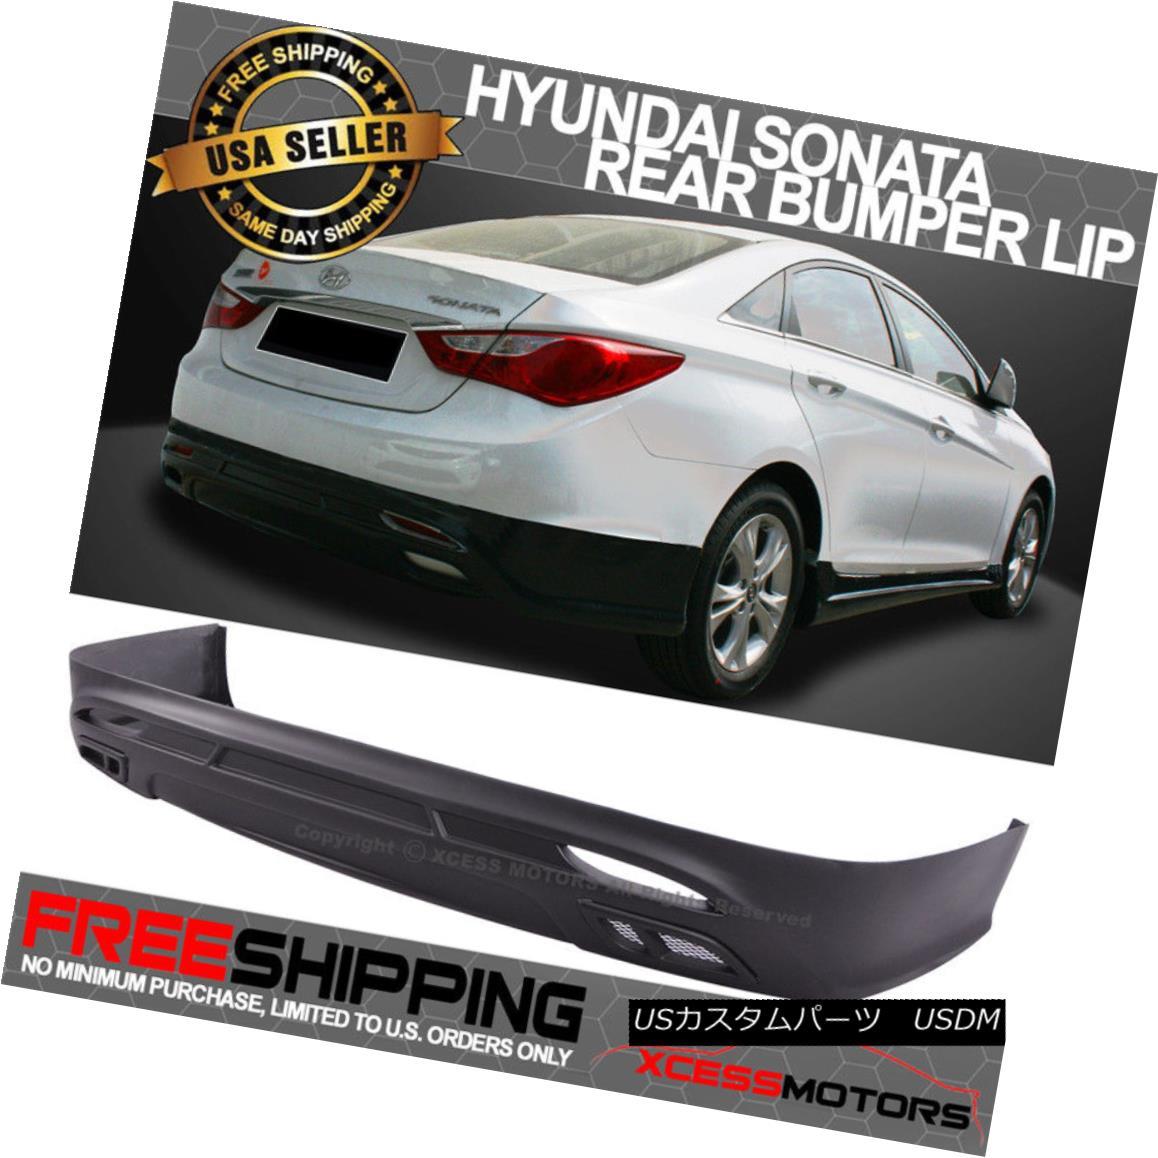 エアロパーツ Fit 11-14 Hyundai Sonata Lower Rear Bumper Diffuser Spoiler Lip PP Black フィット11-14現代ソナタロワーリアバンパーディフューザースポイラーリップPPブラック